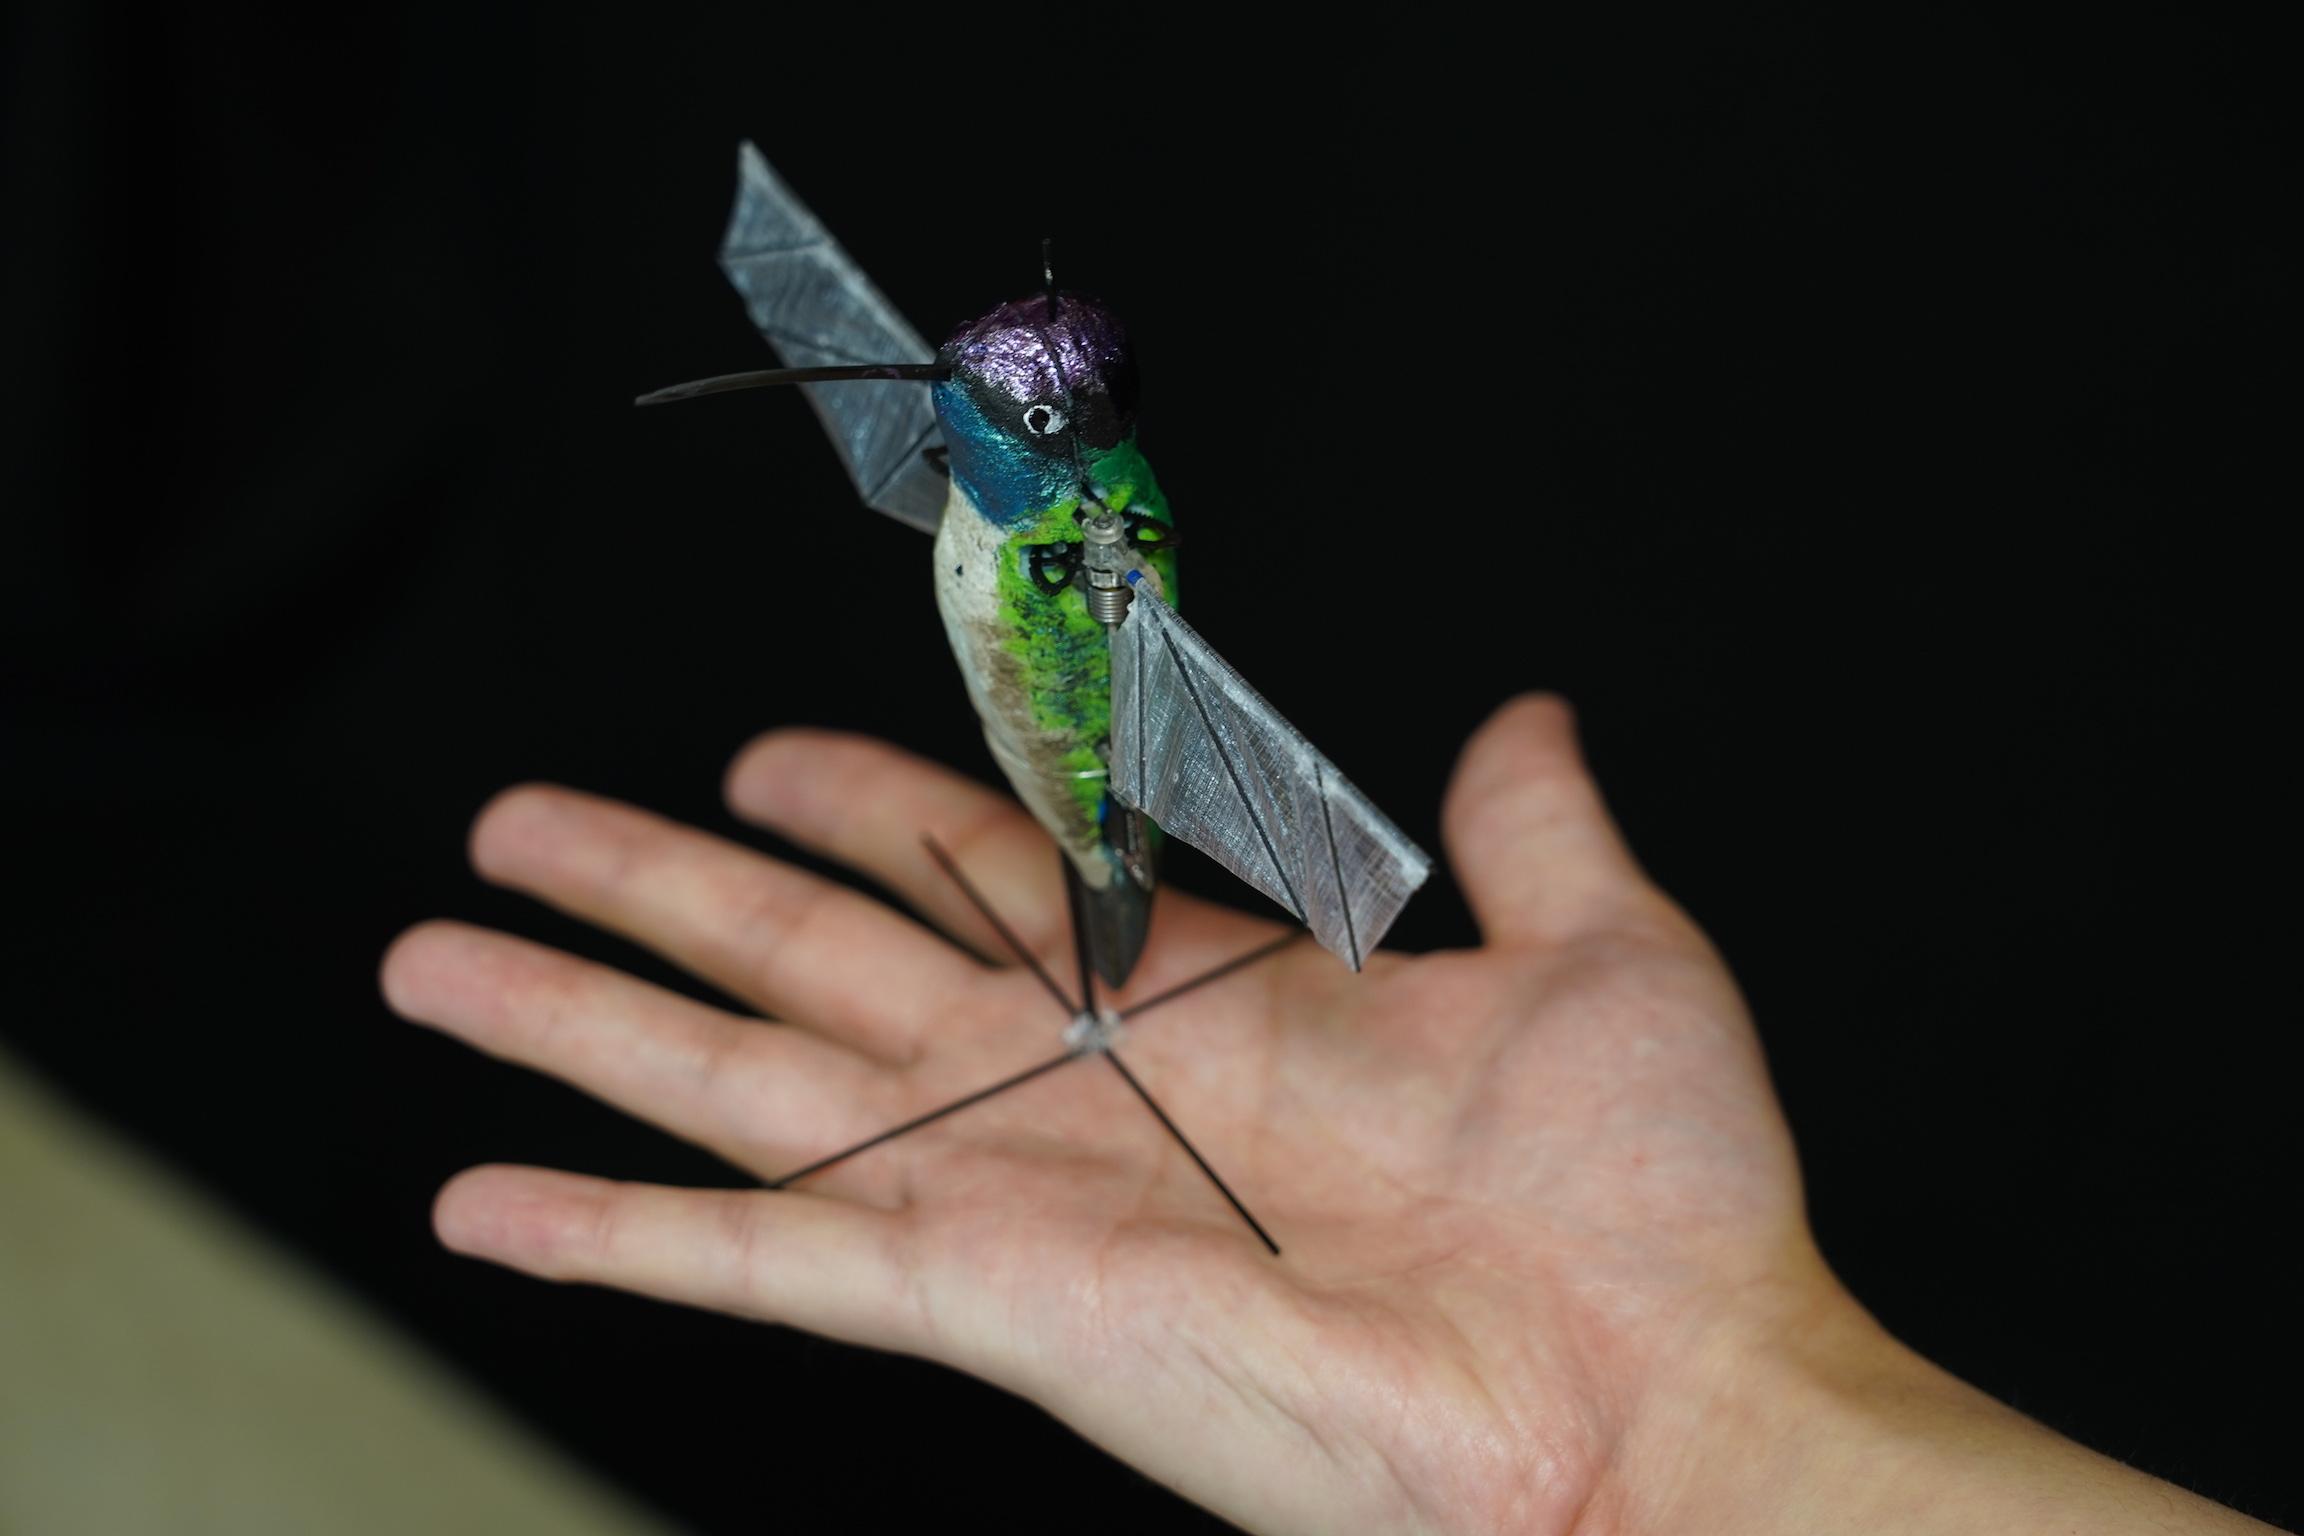 hummingbird-robot-better-than-drones